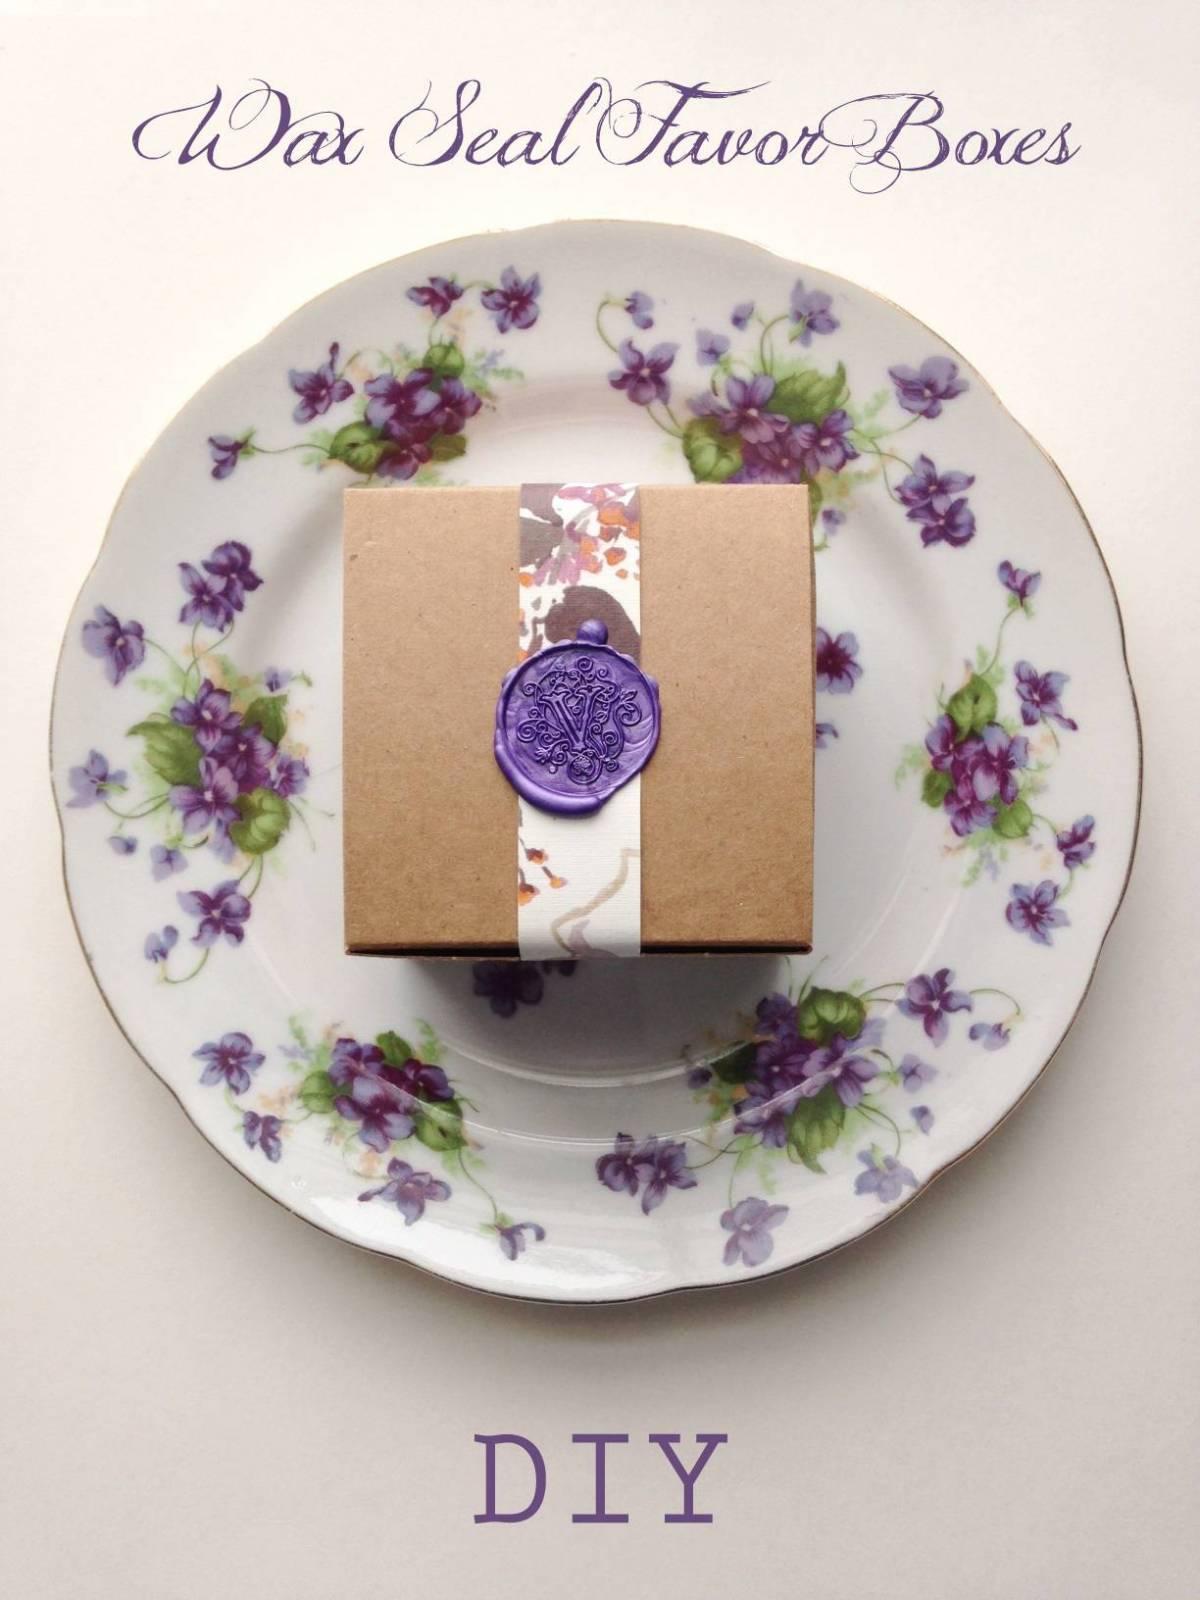 DIY Tutorial: Pretty Wax Seal Favor Boxes